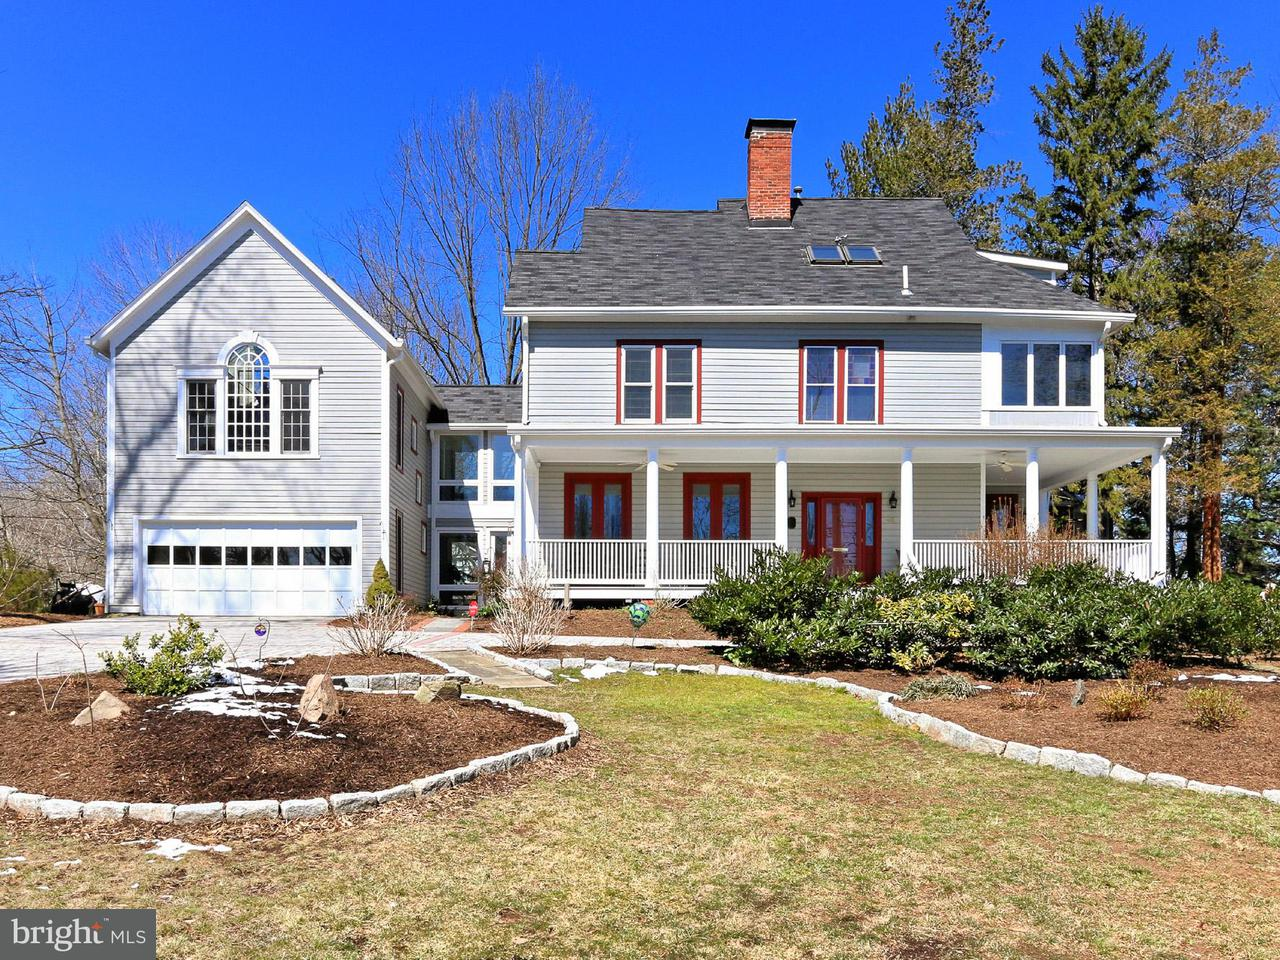 Частный односемейный дом для того Продажа на 407 Little Falls Street 407 Little Falls Street Falls Church, Виргиния 22046 Соединенные Штаты